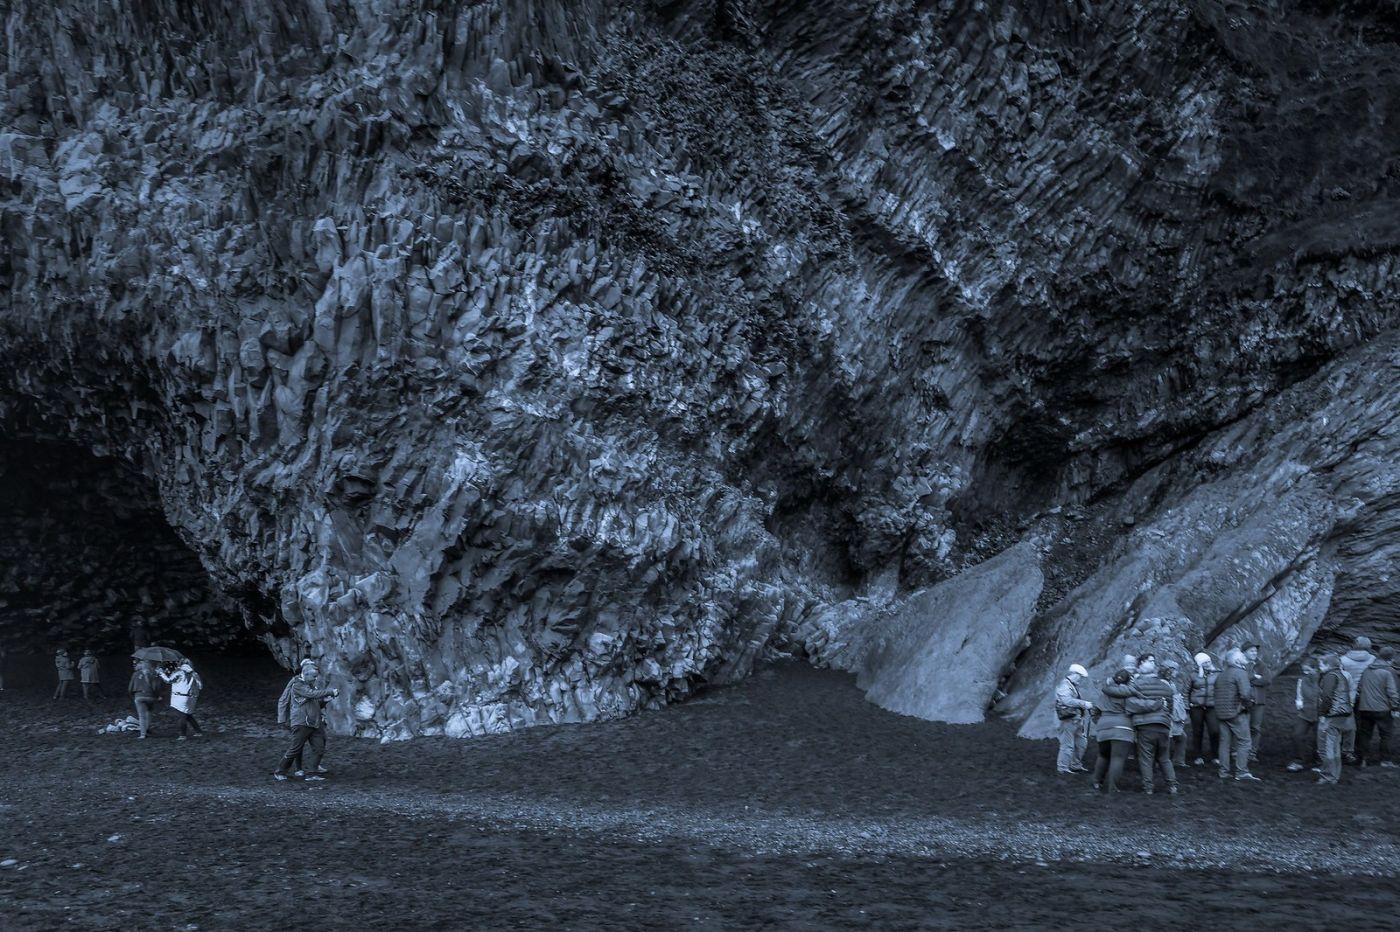 冰岛雷尼斯法加拉黑沙滩(Reynisfjara Black Sand Beach)_图1-3